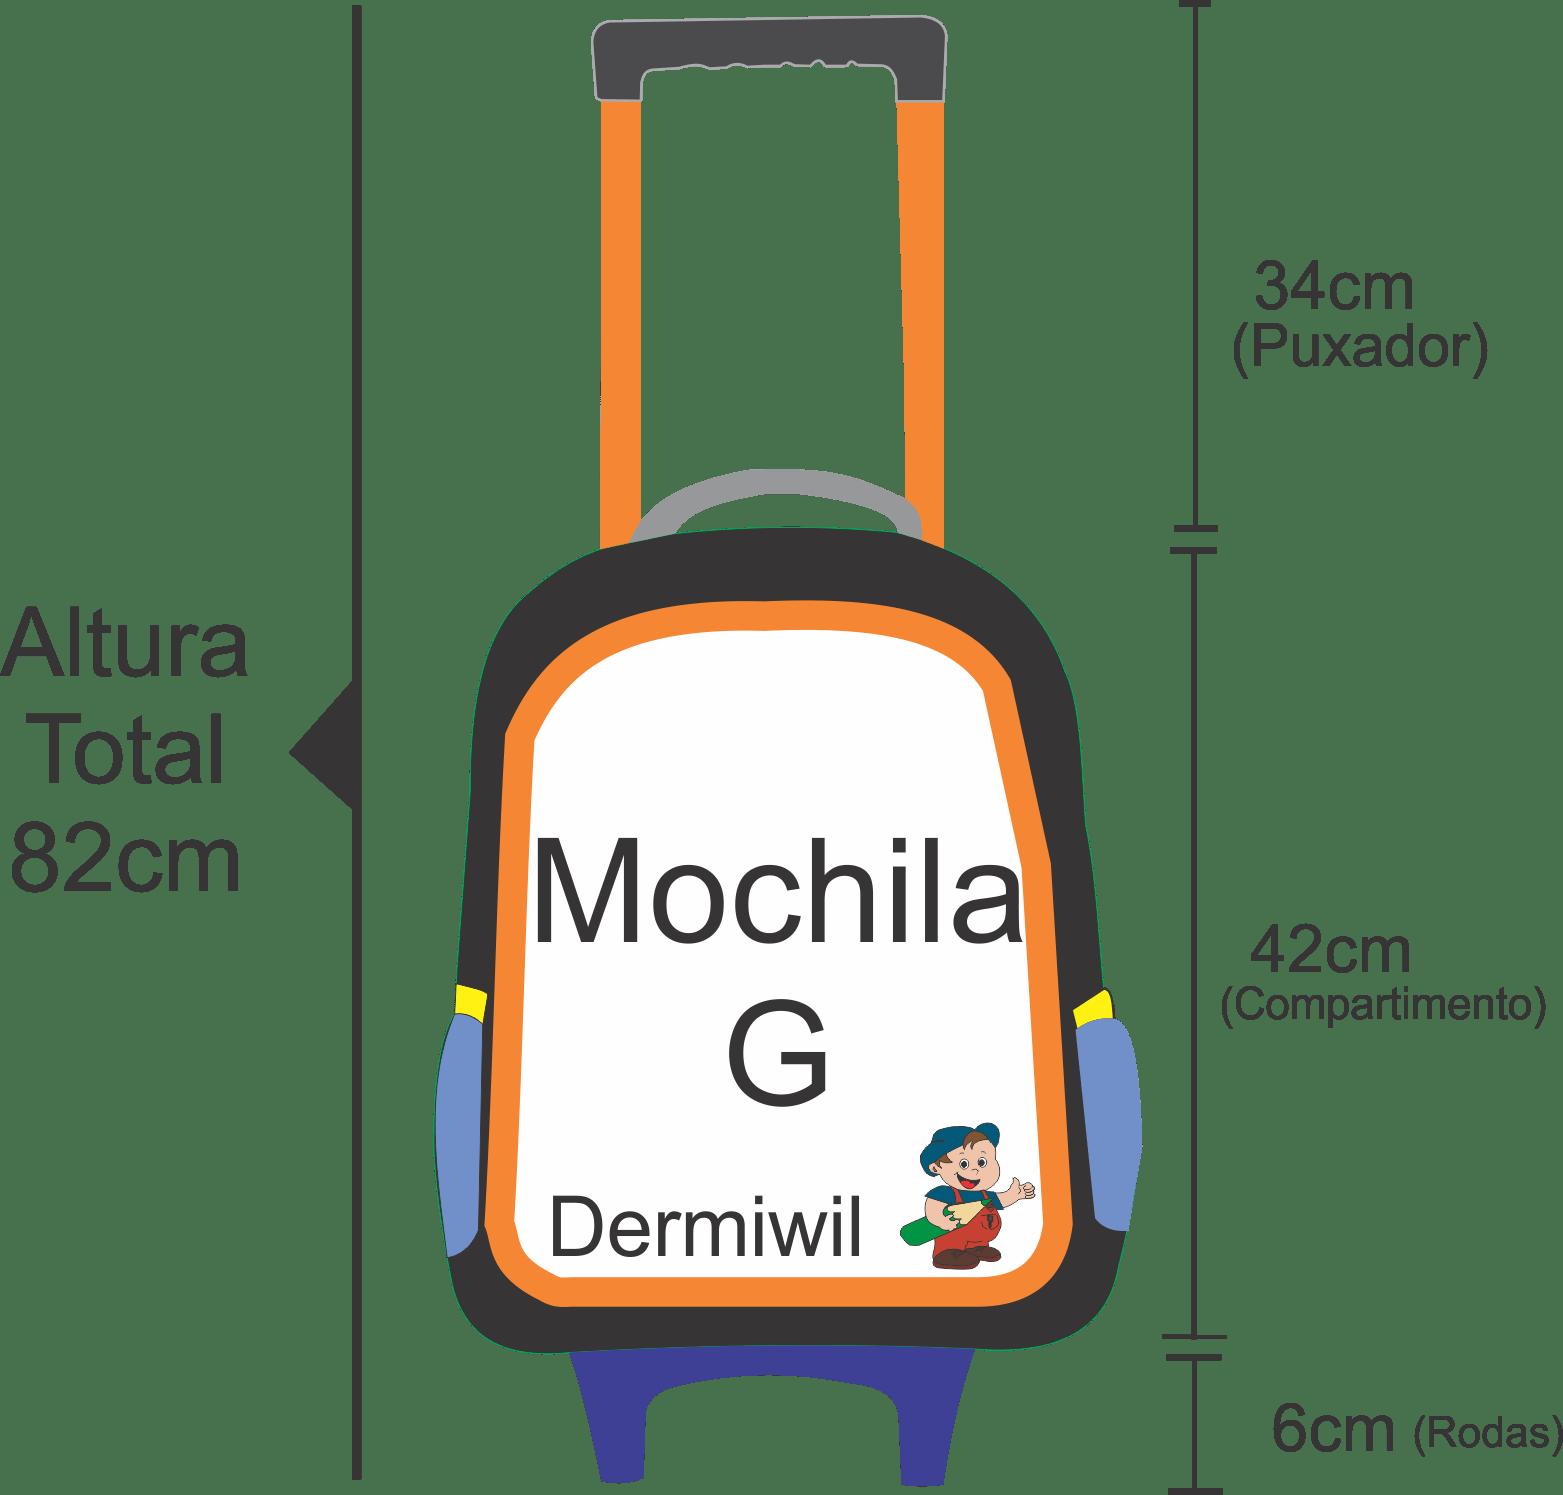 Medidas da Dimensão da mochila de rodinha feminina fofilhotes tamanho g feminina